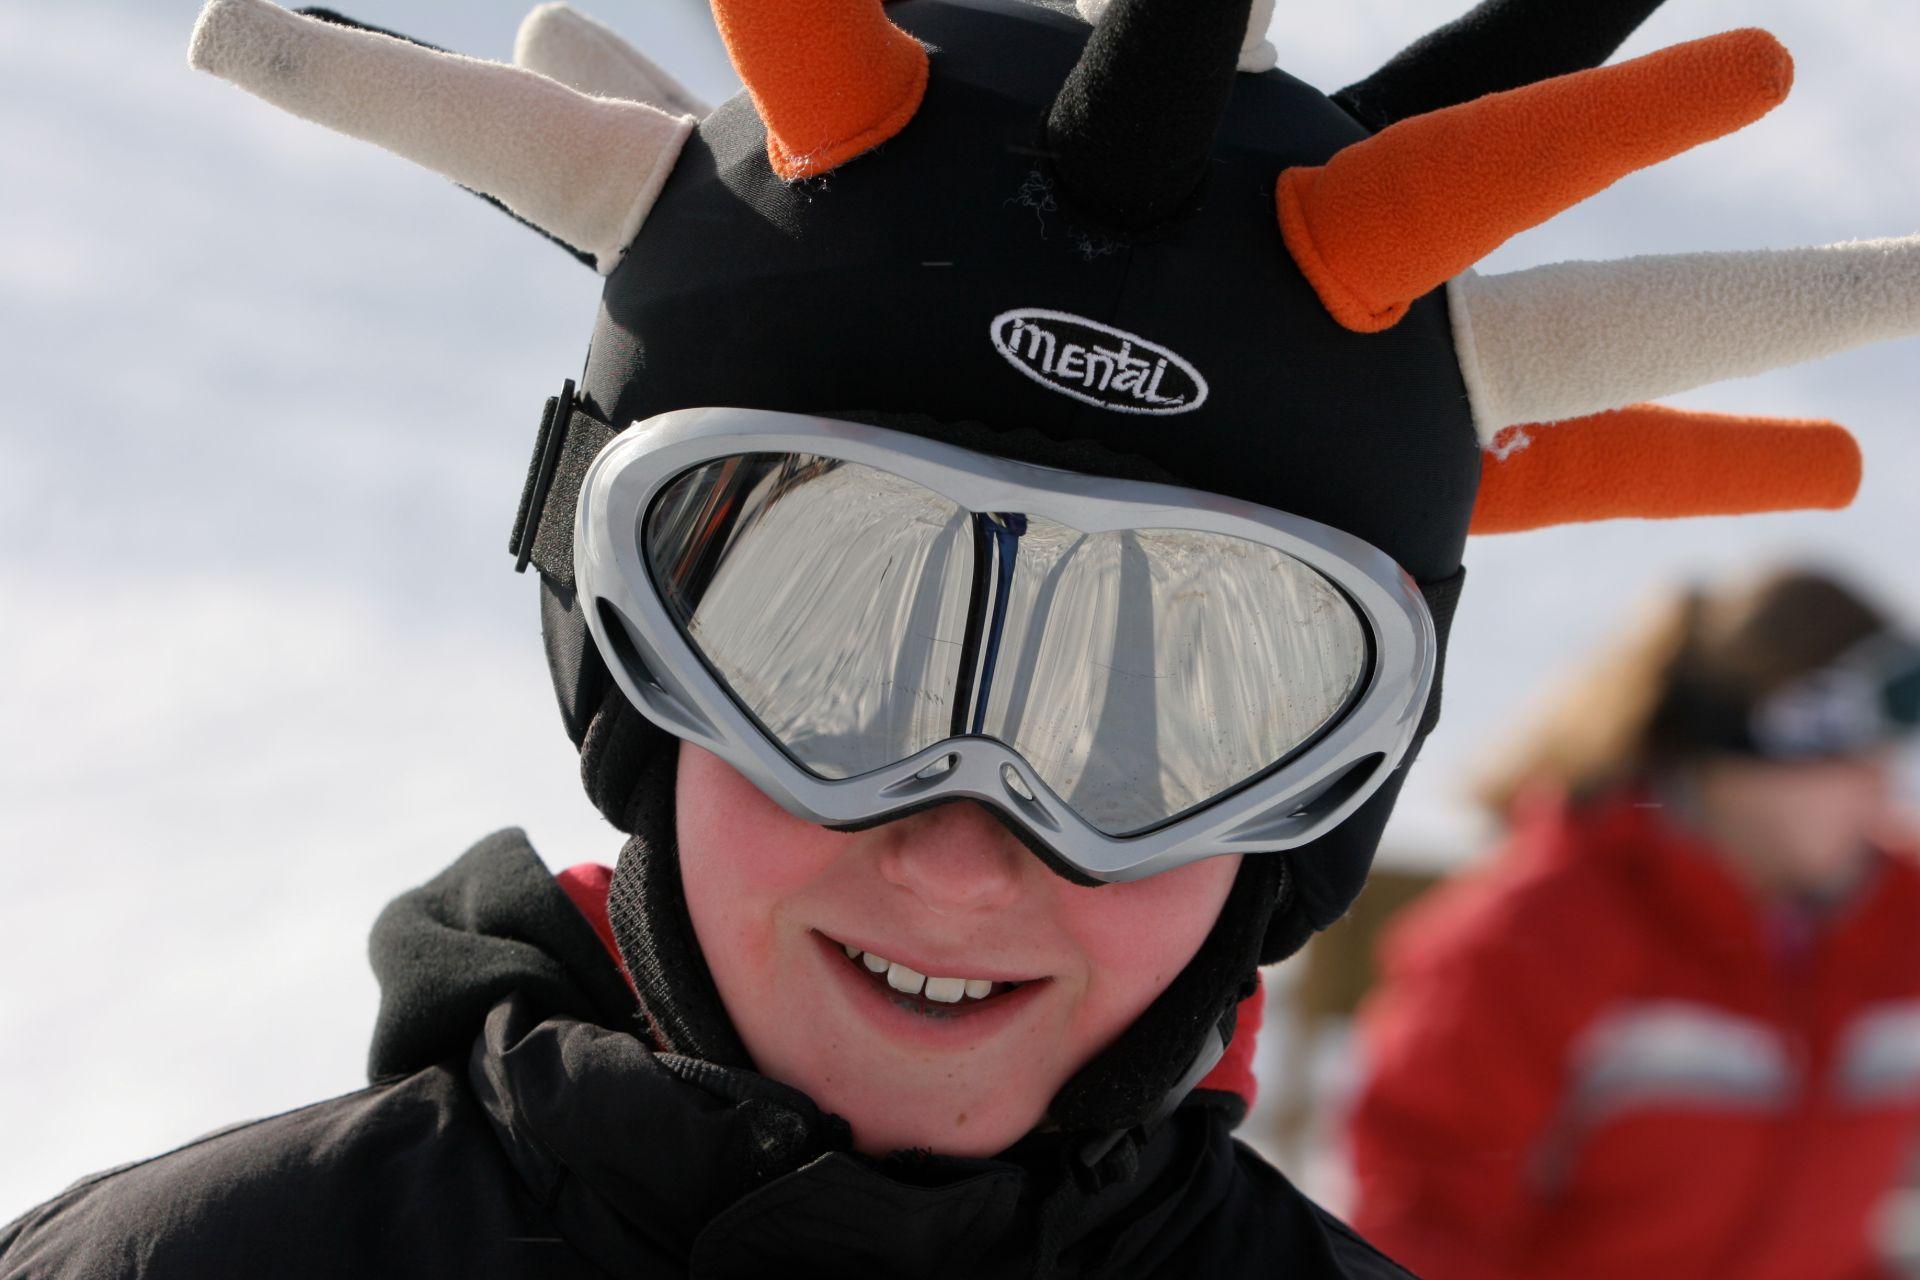 Od ilu lat można jeździć na nartach bez kasku?